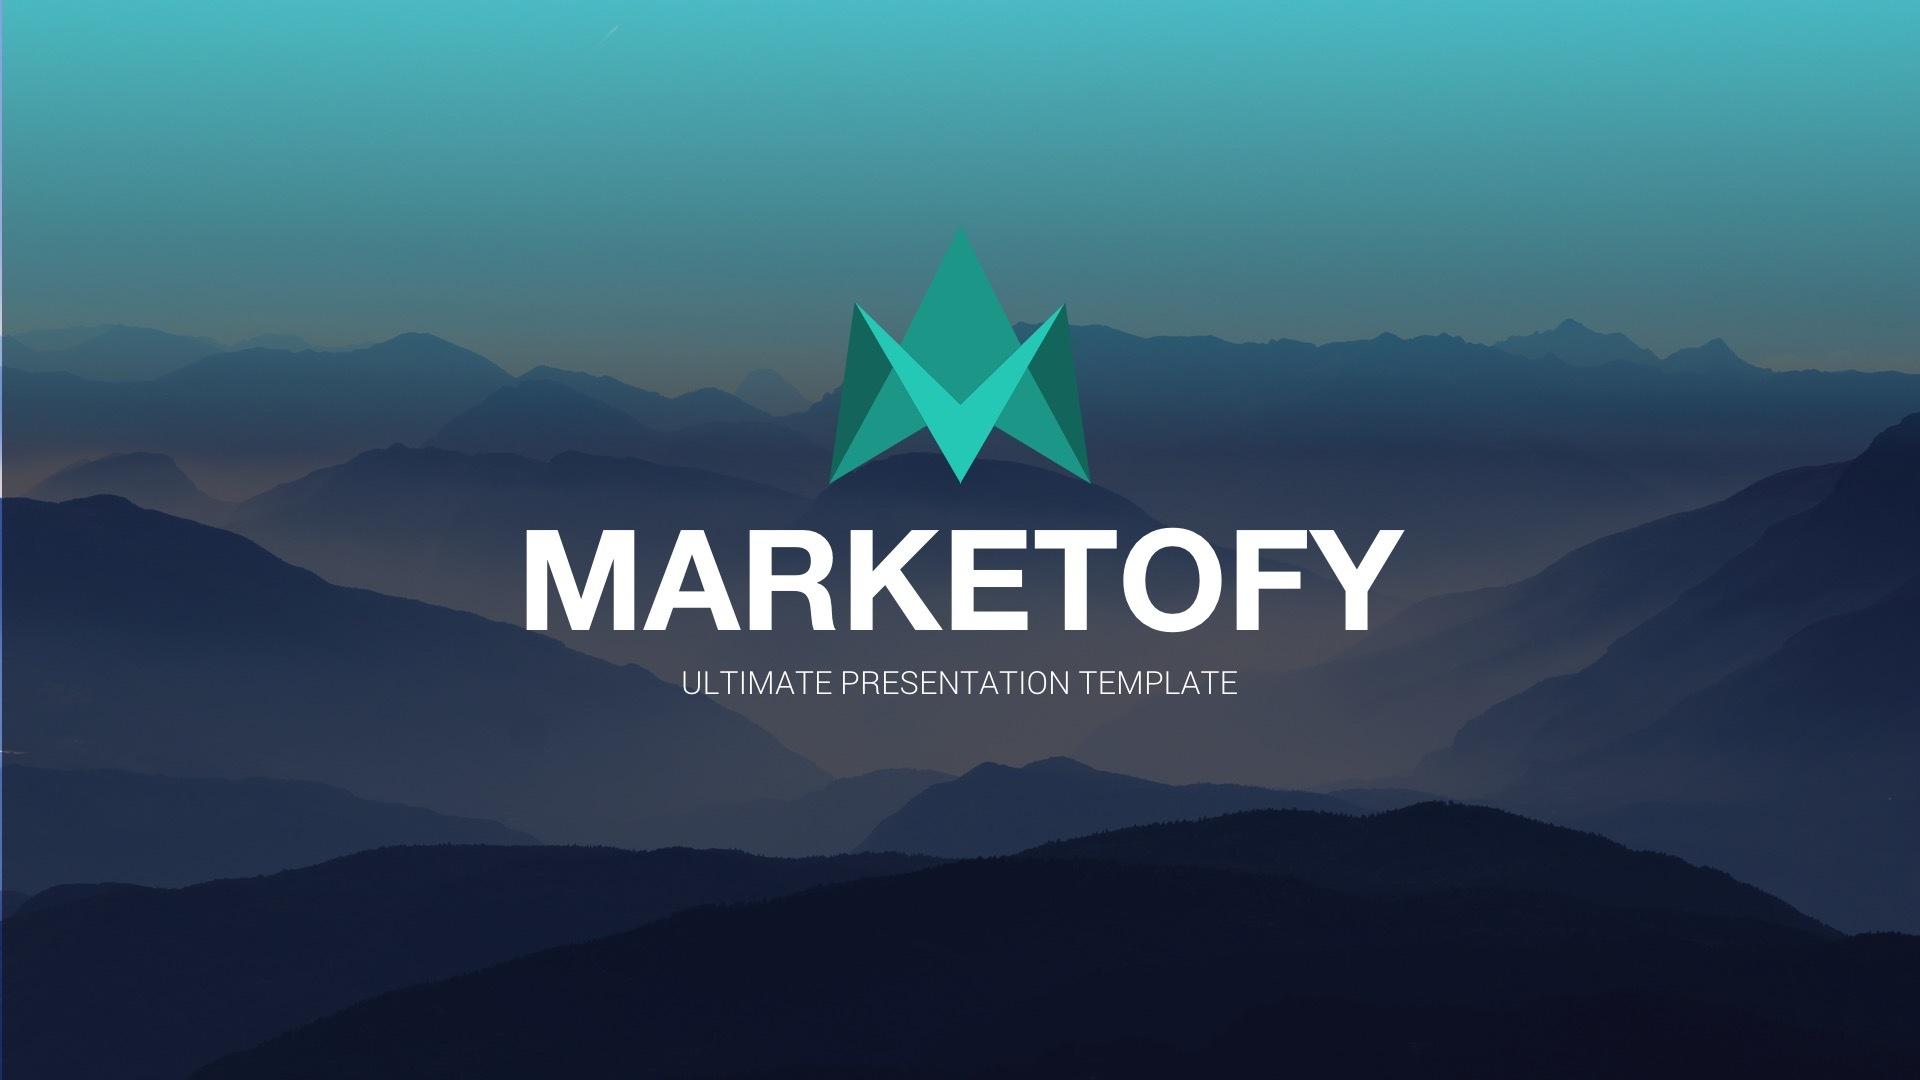 Marketofy - Ultimate Google Slides Template